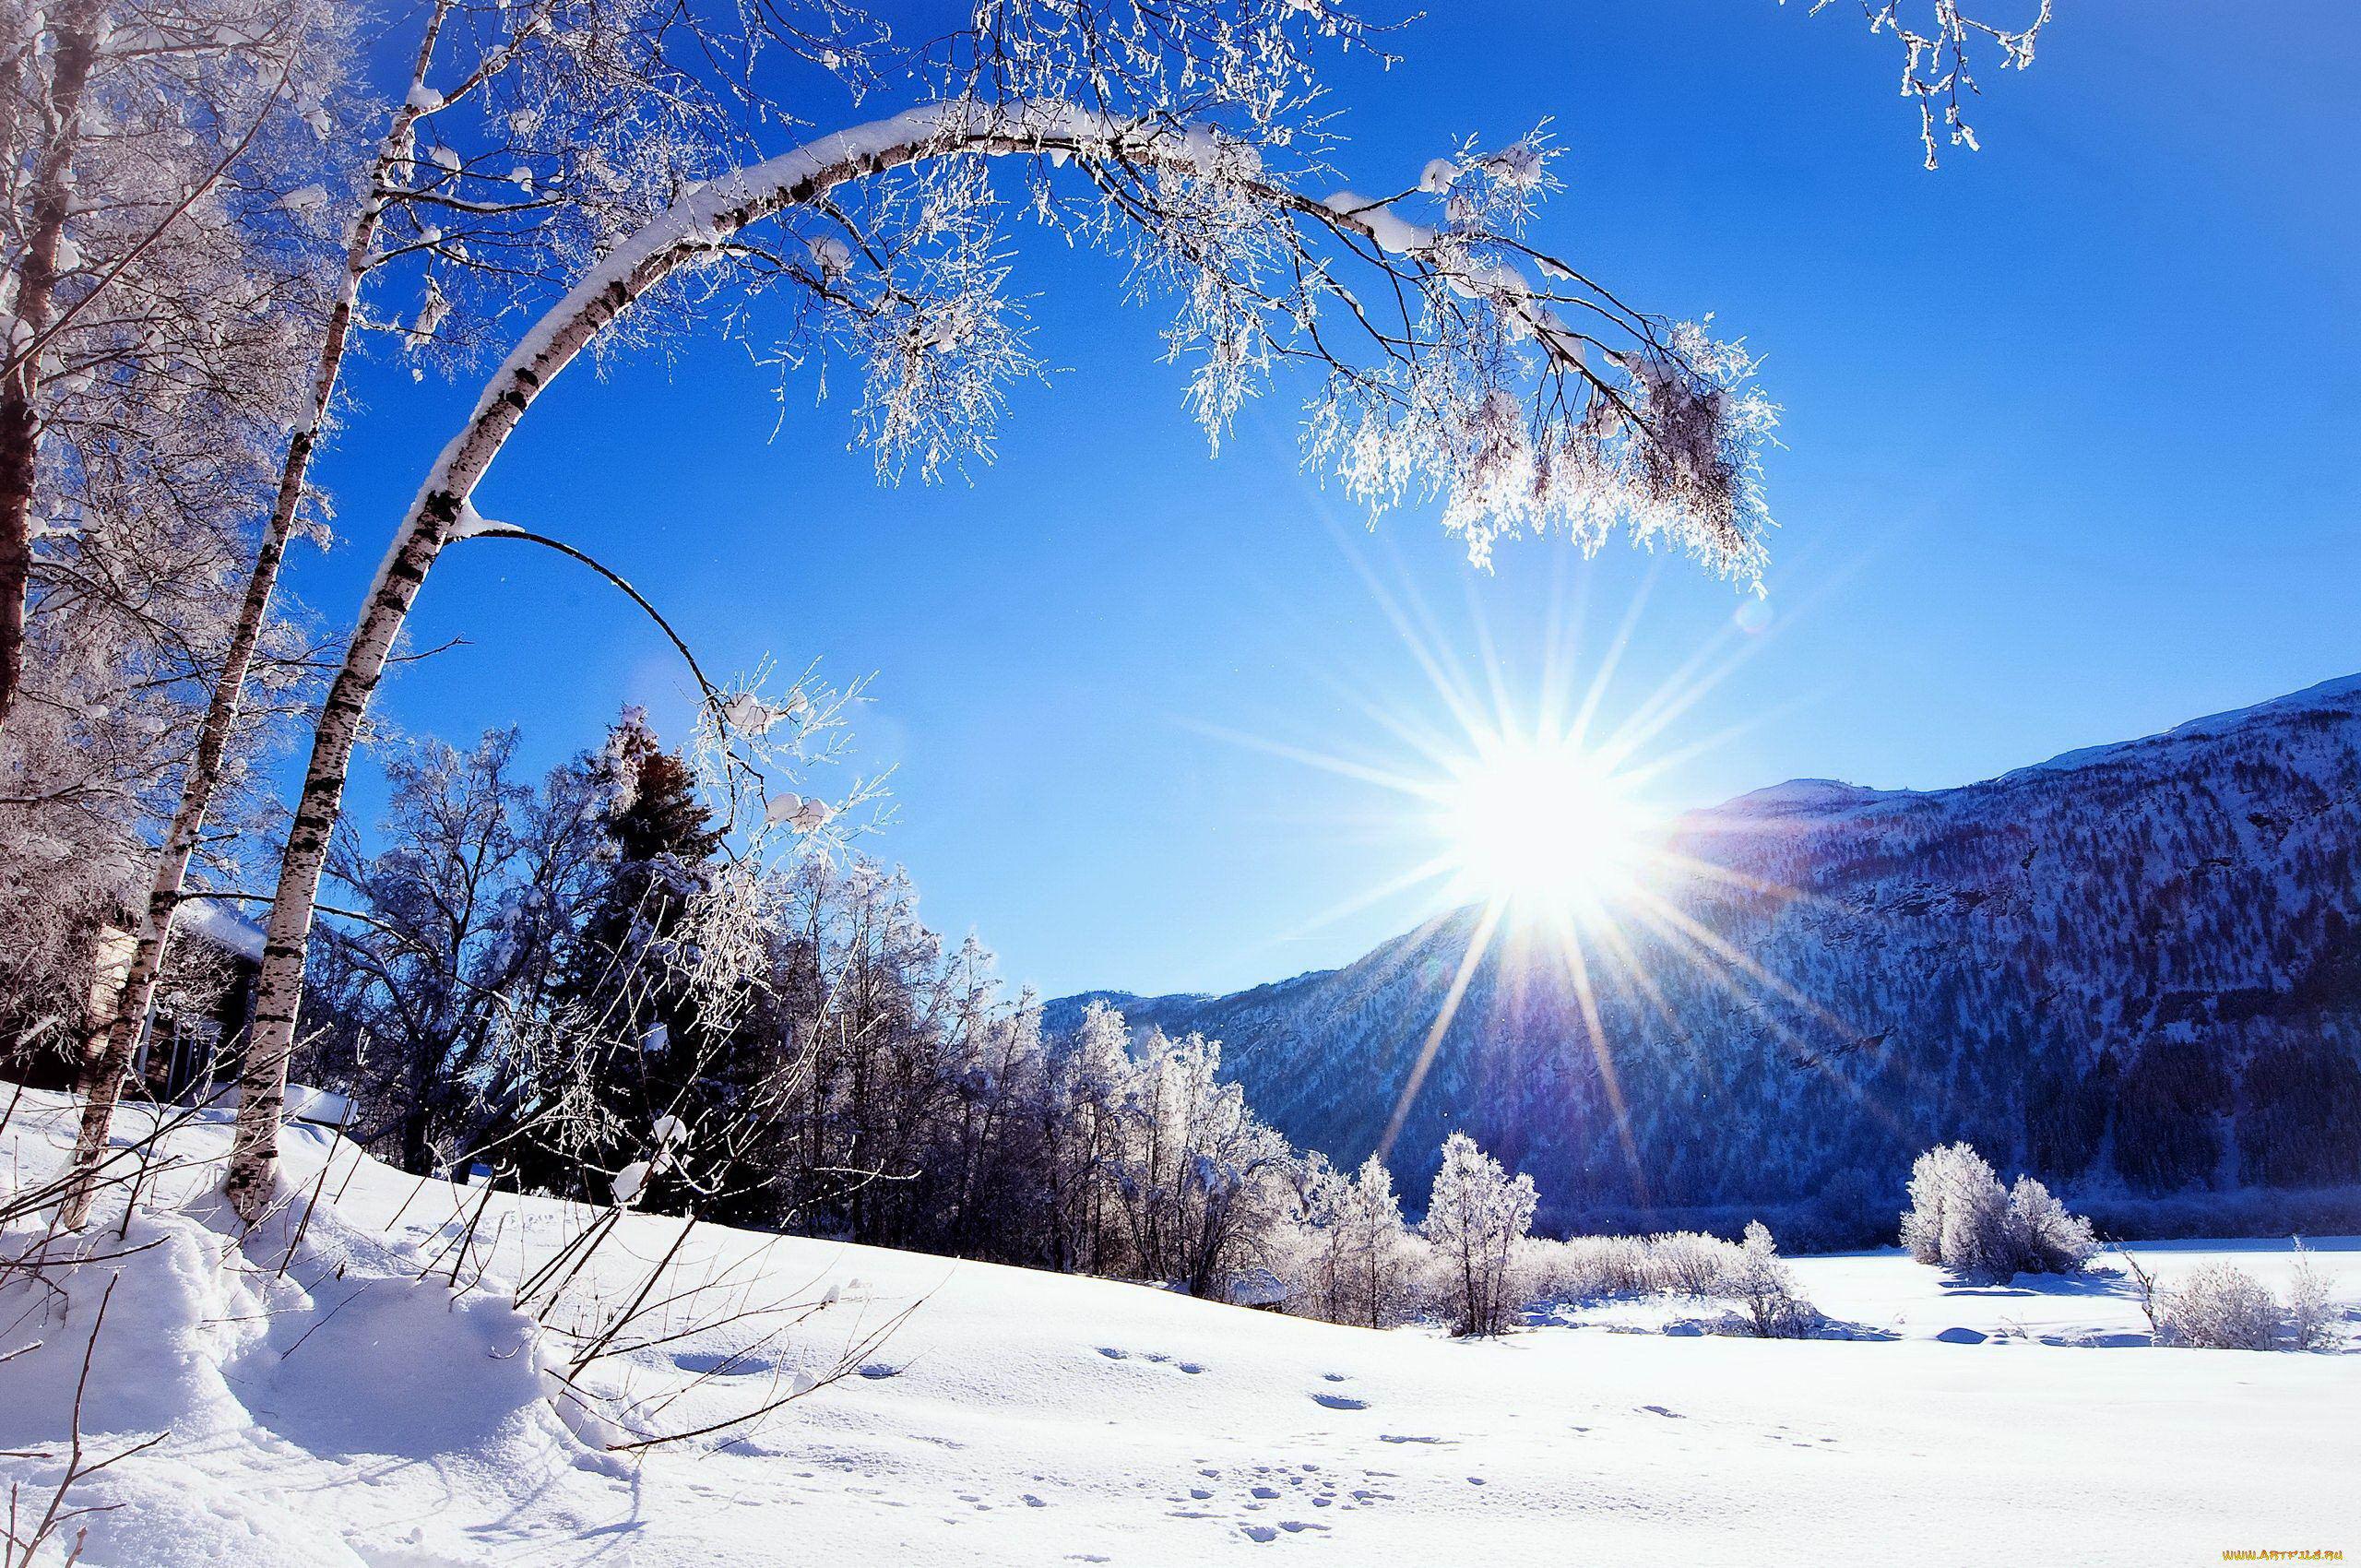 С началом зимы начинаем готовиться к